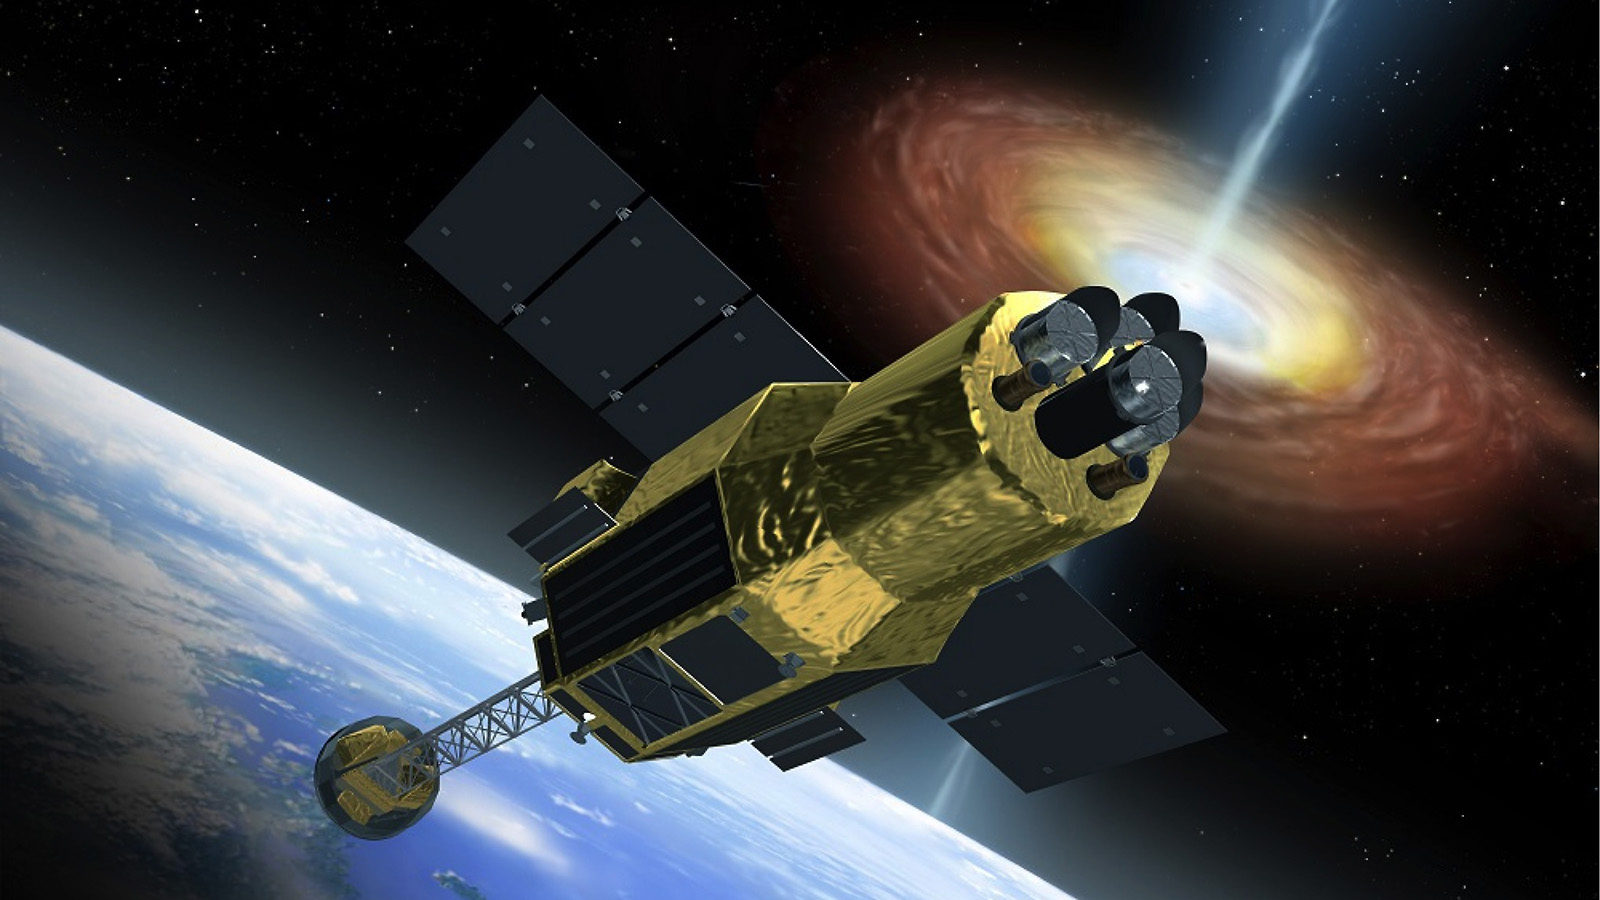 astro-h spacecraft